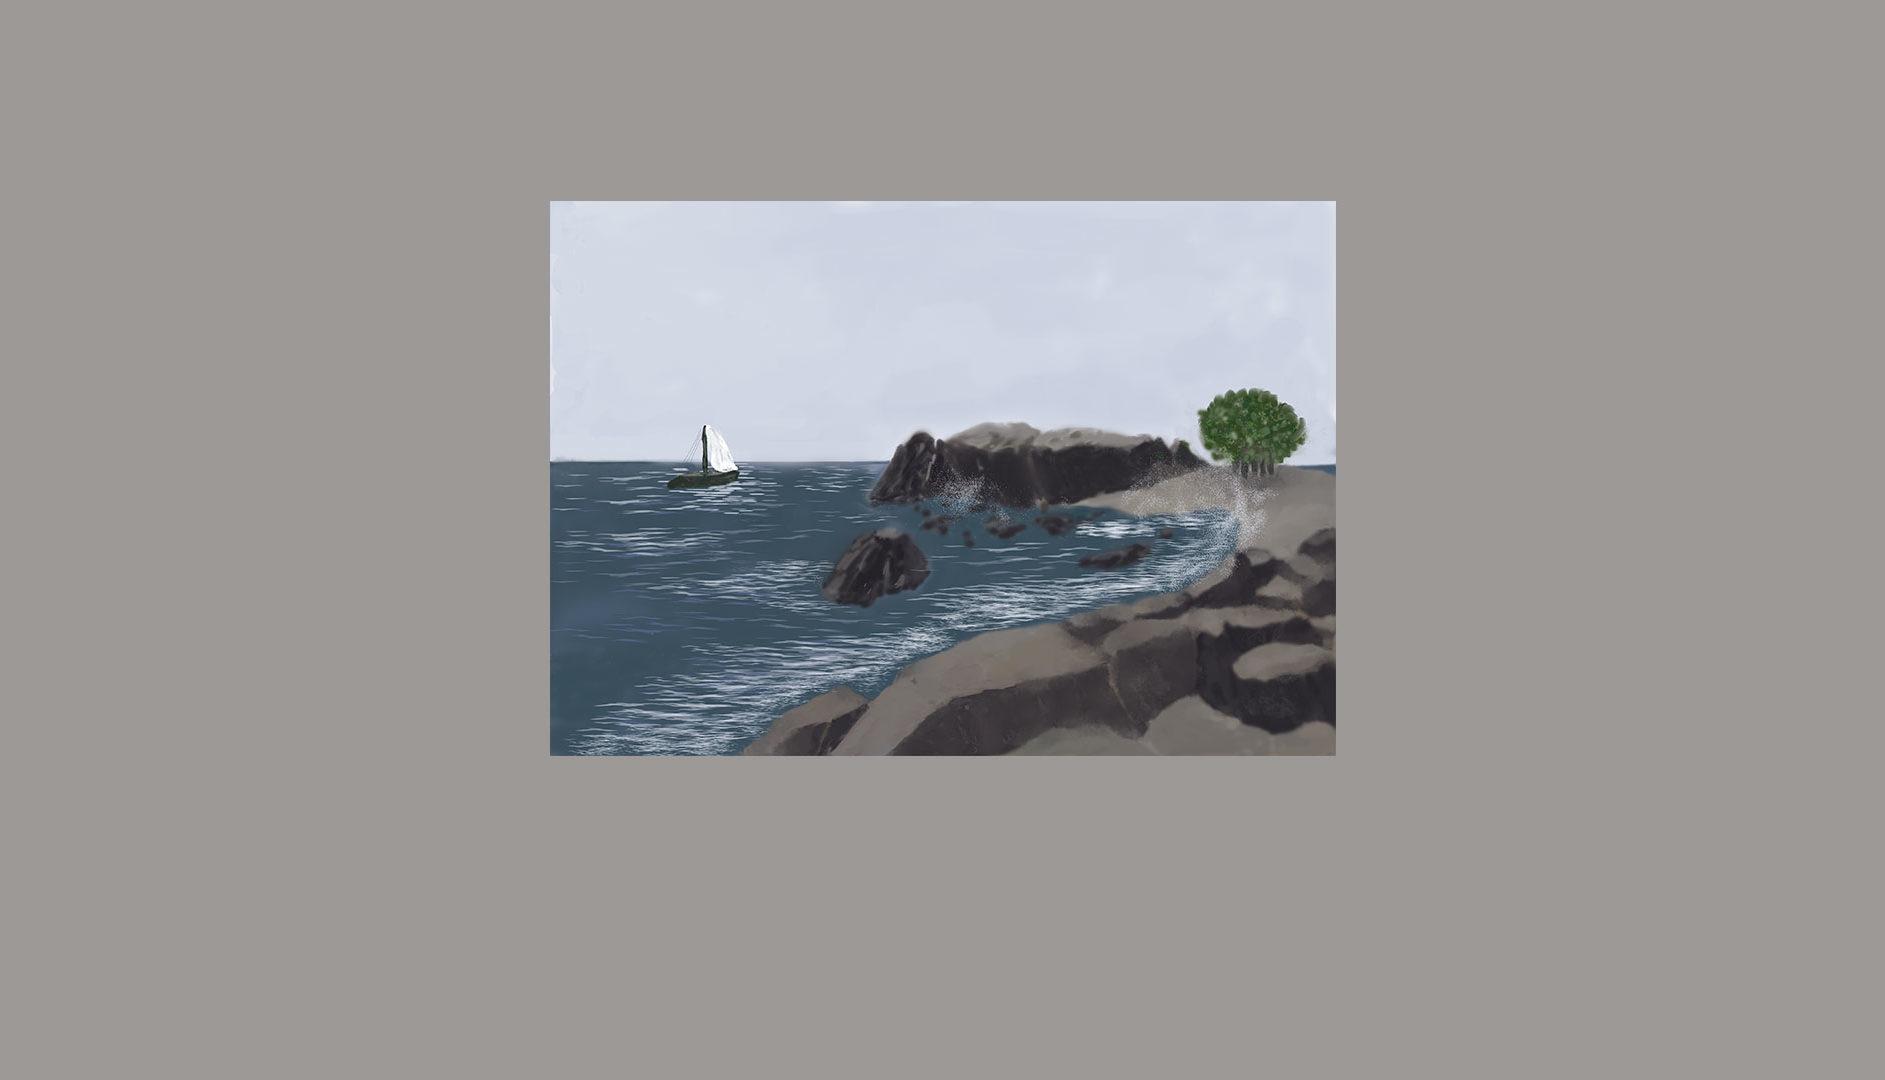 Paysage de Crète - Digital Painting sur Photoshop